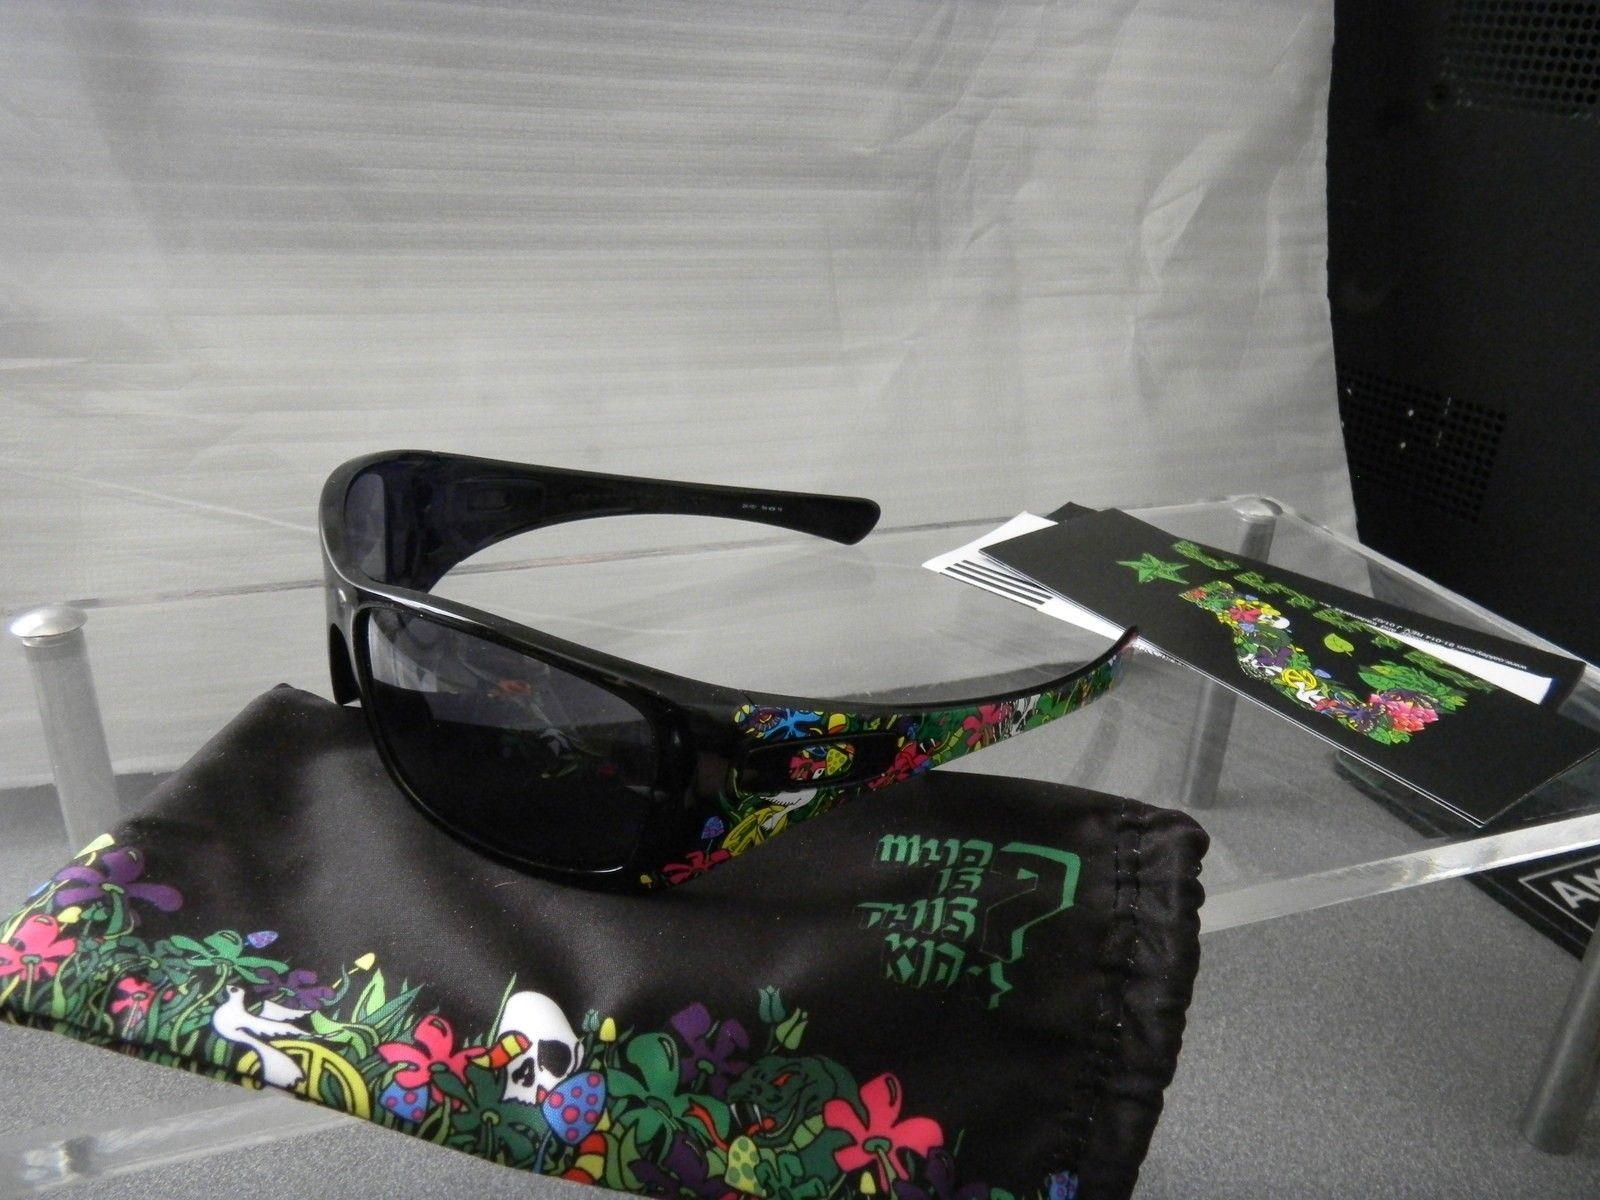 WITK Brand New In Box Complete - DSCN1012.JPG